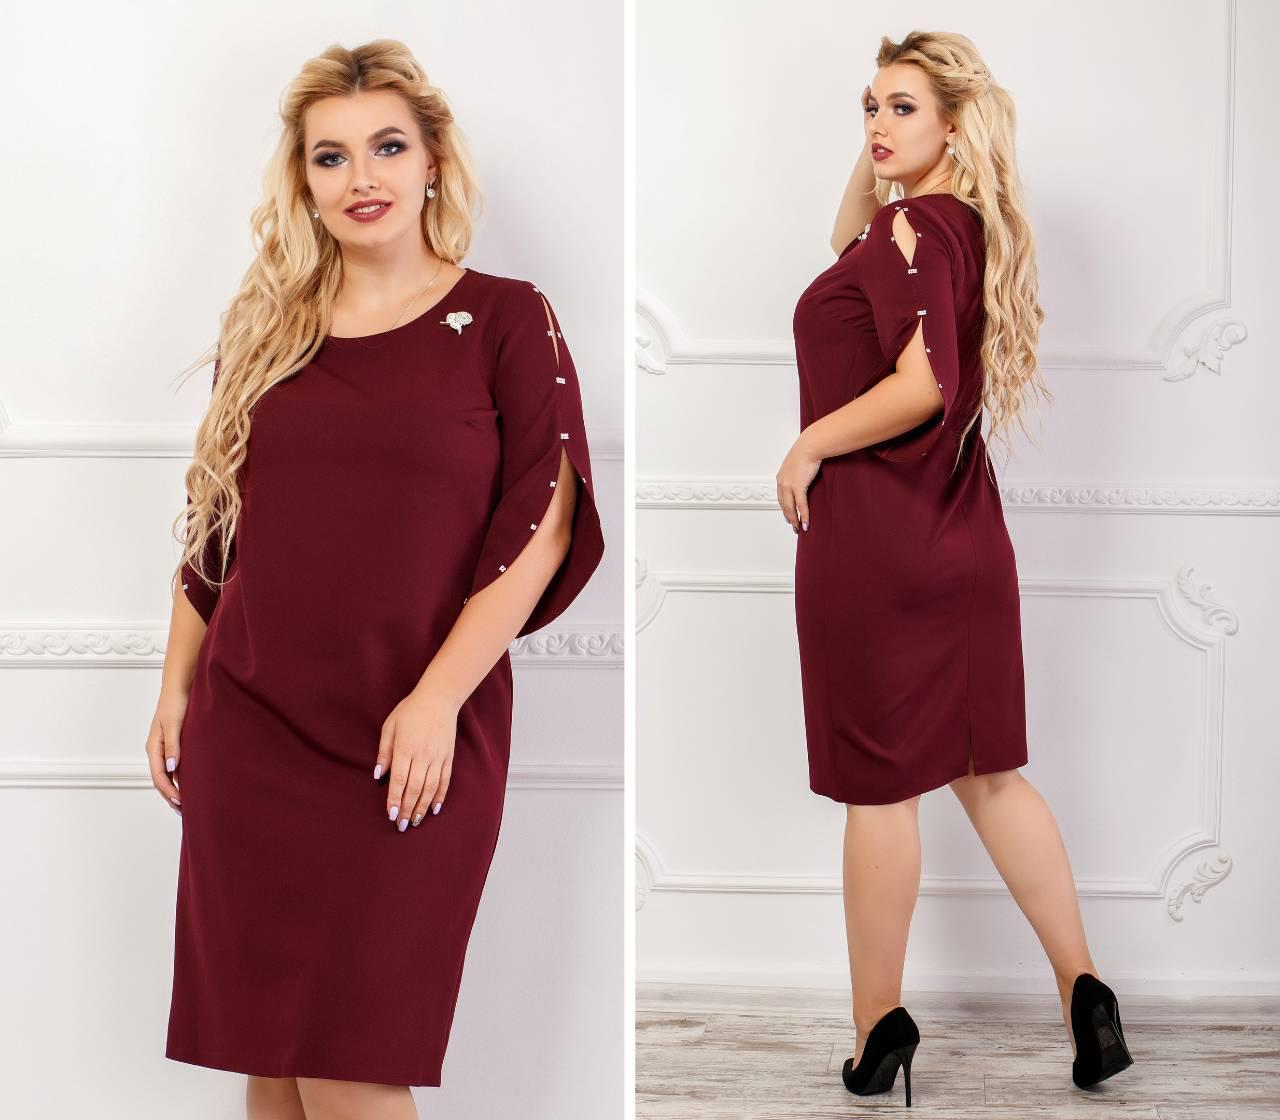 66d8a966f684 Платье арт. 130 цвет марсала / бордовый - Интернет магазин женской одежды  Khan в Одессе